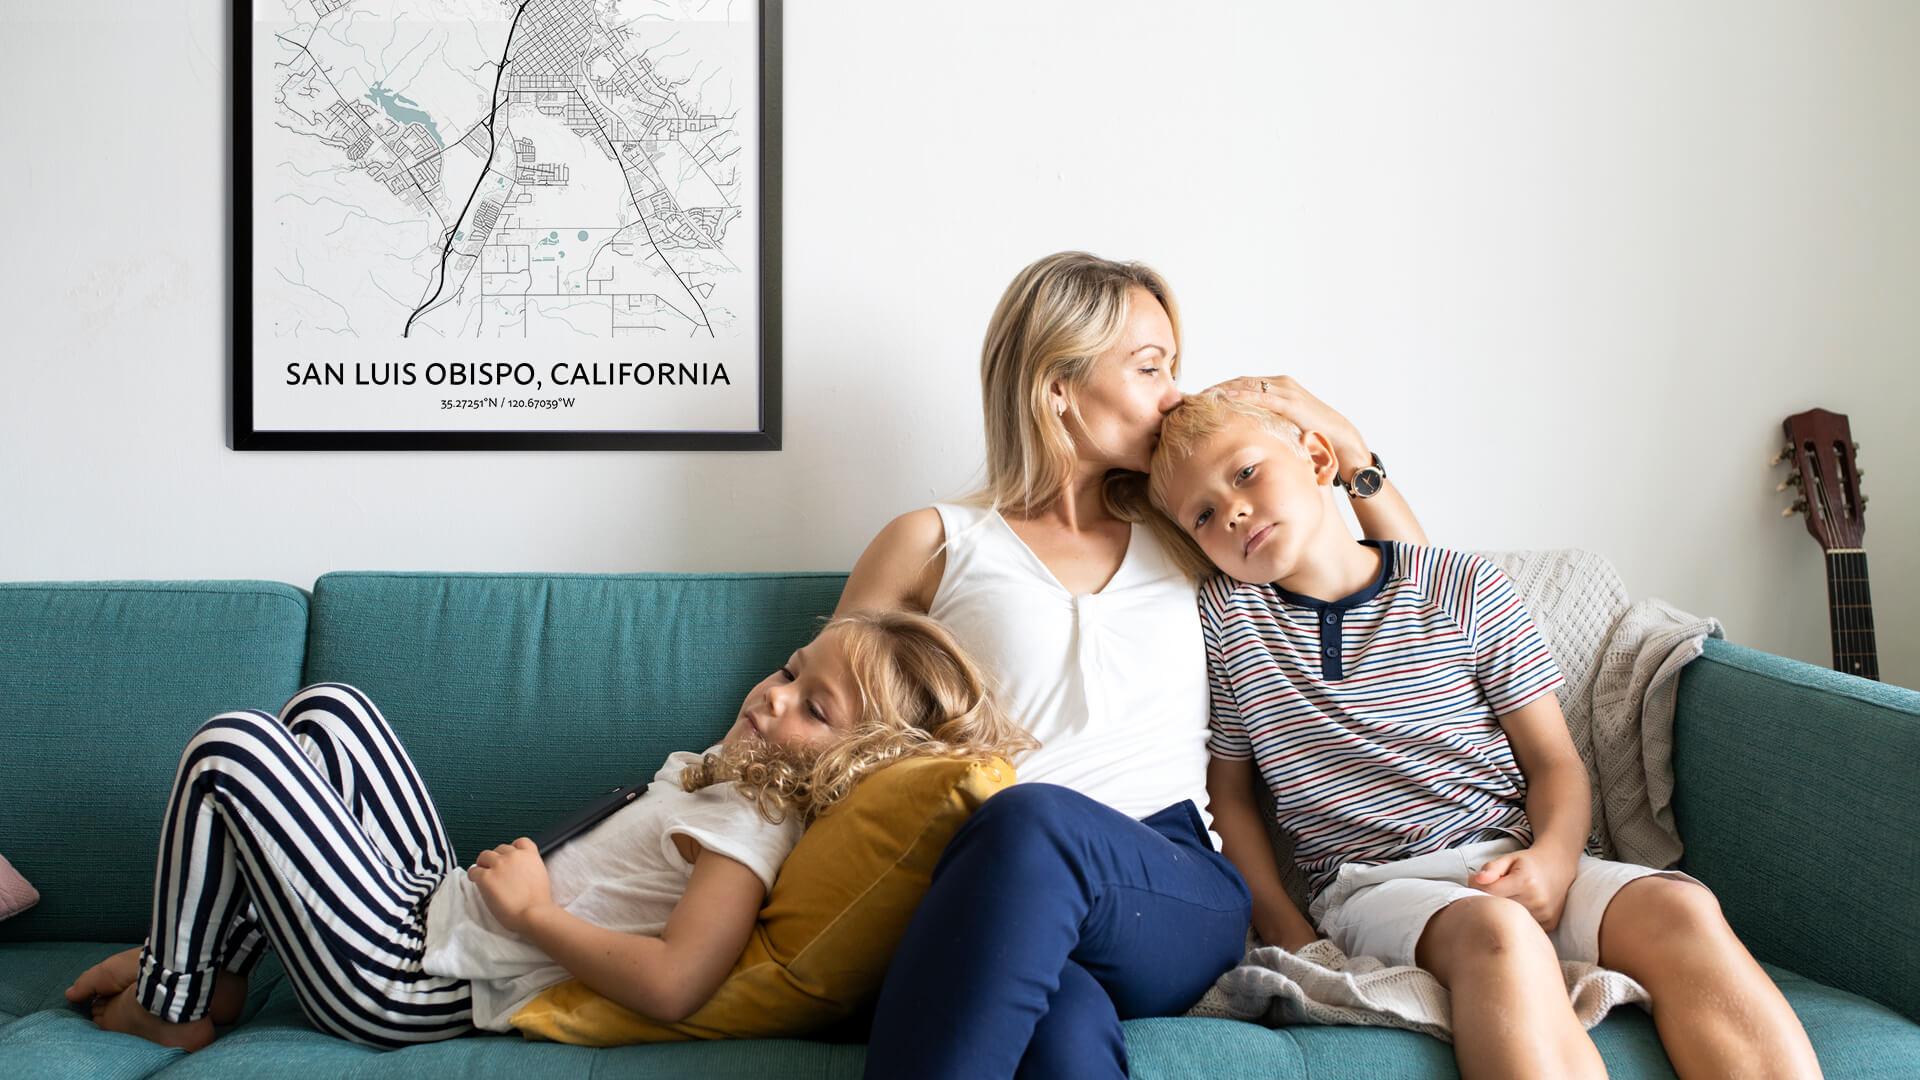 San Luis Obispo map poster